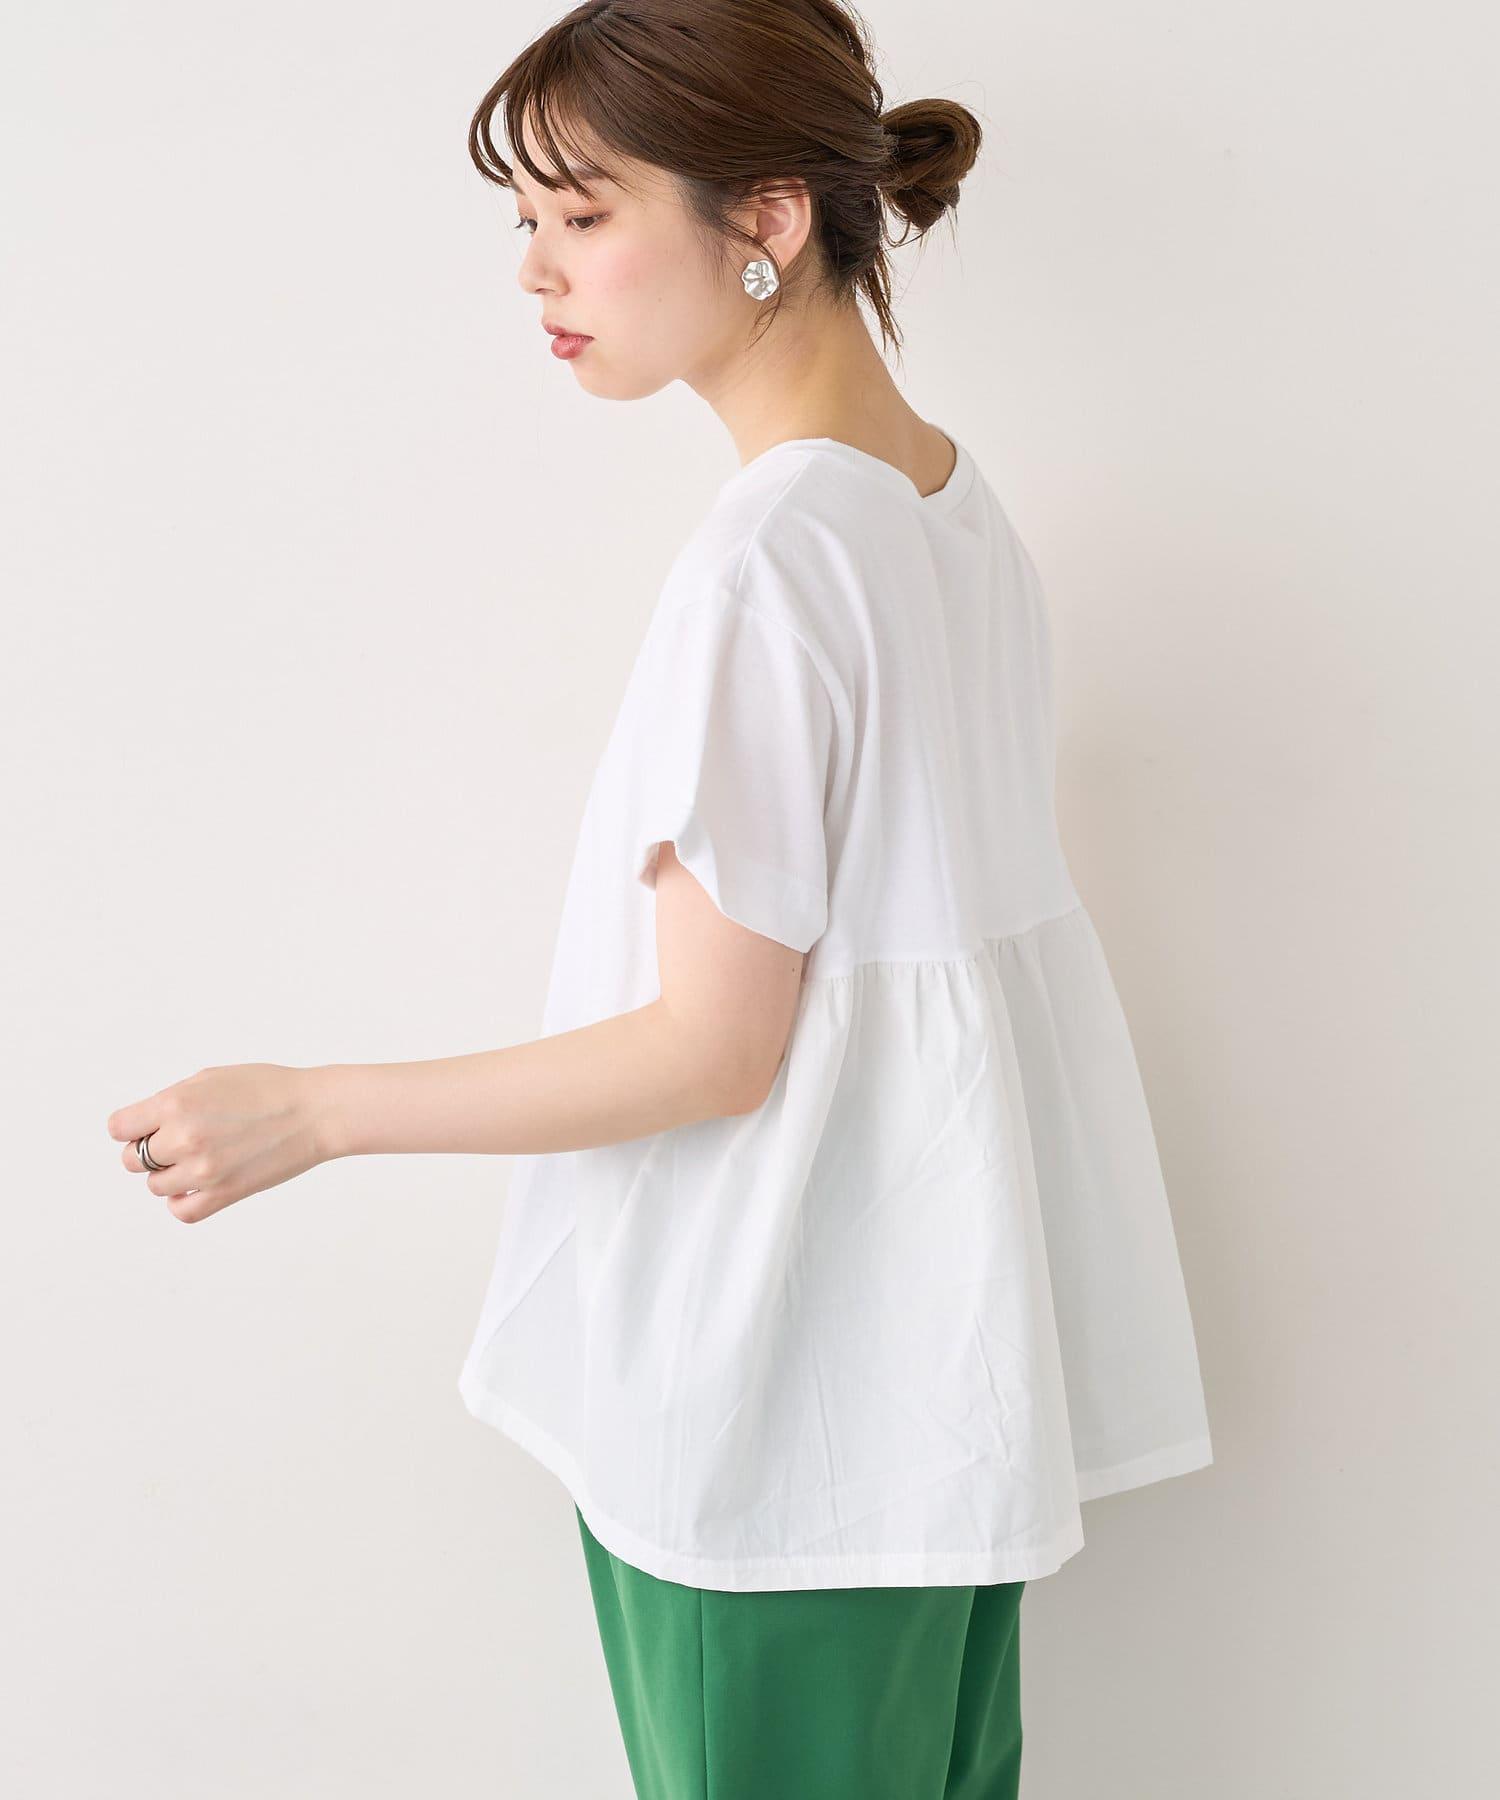 natural couture(ナチュラルクチュール) USAコットンバックフリルデザインTシャツ